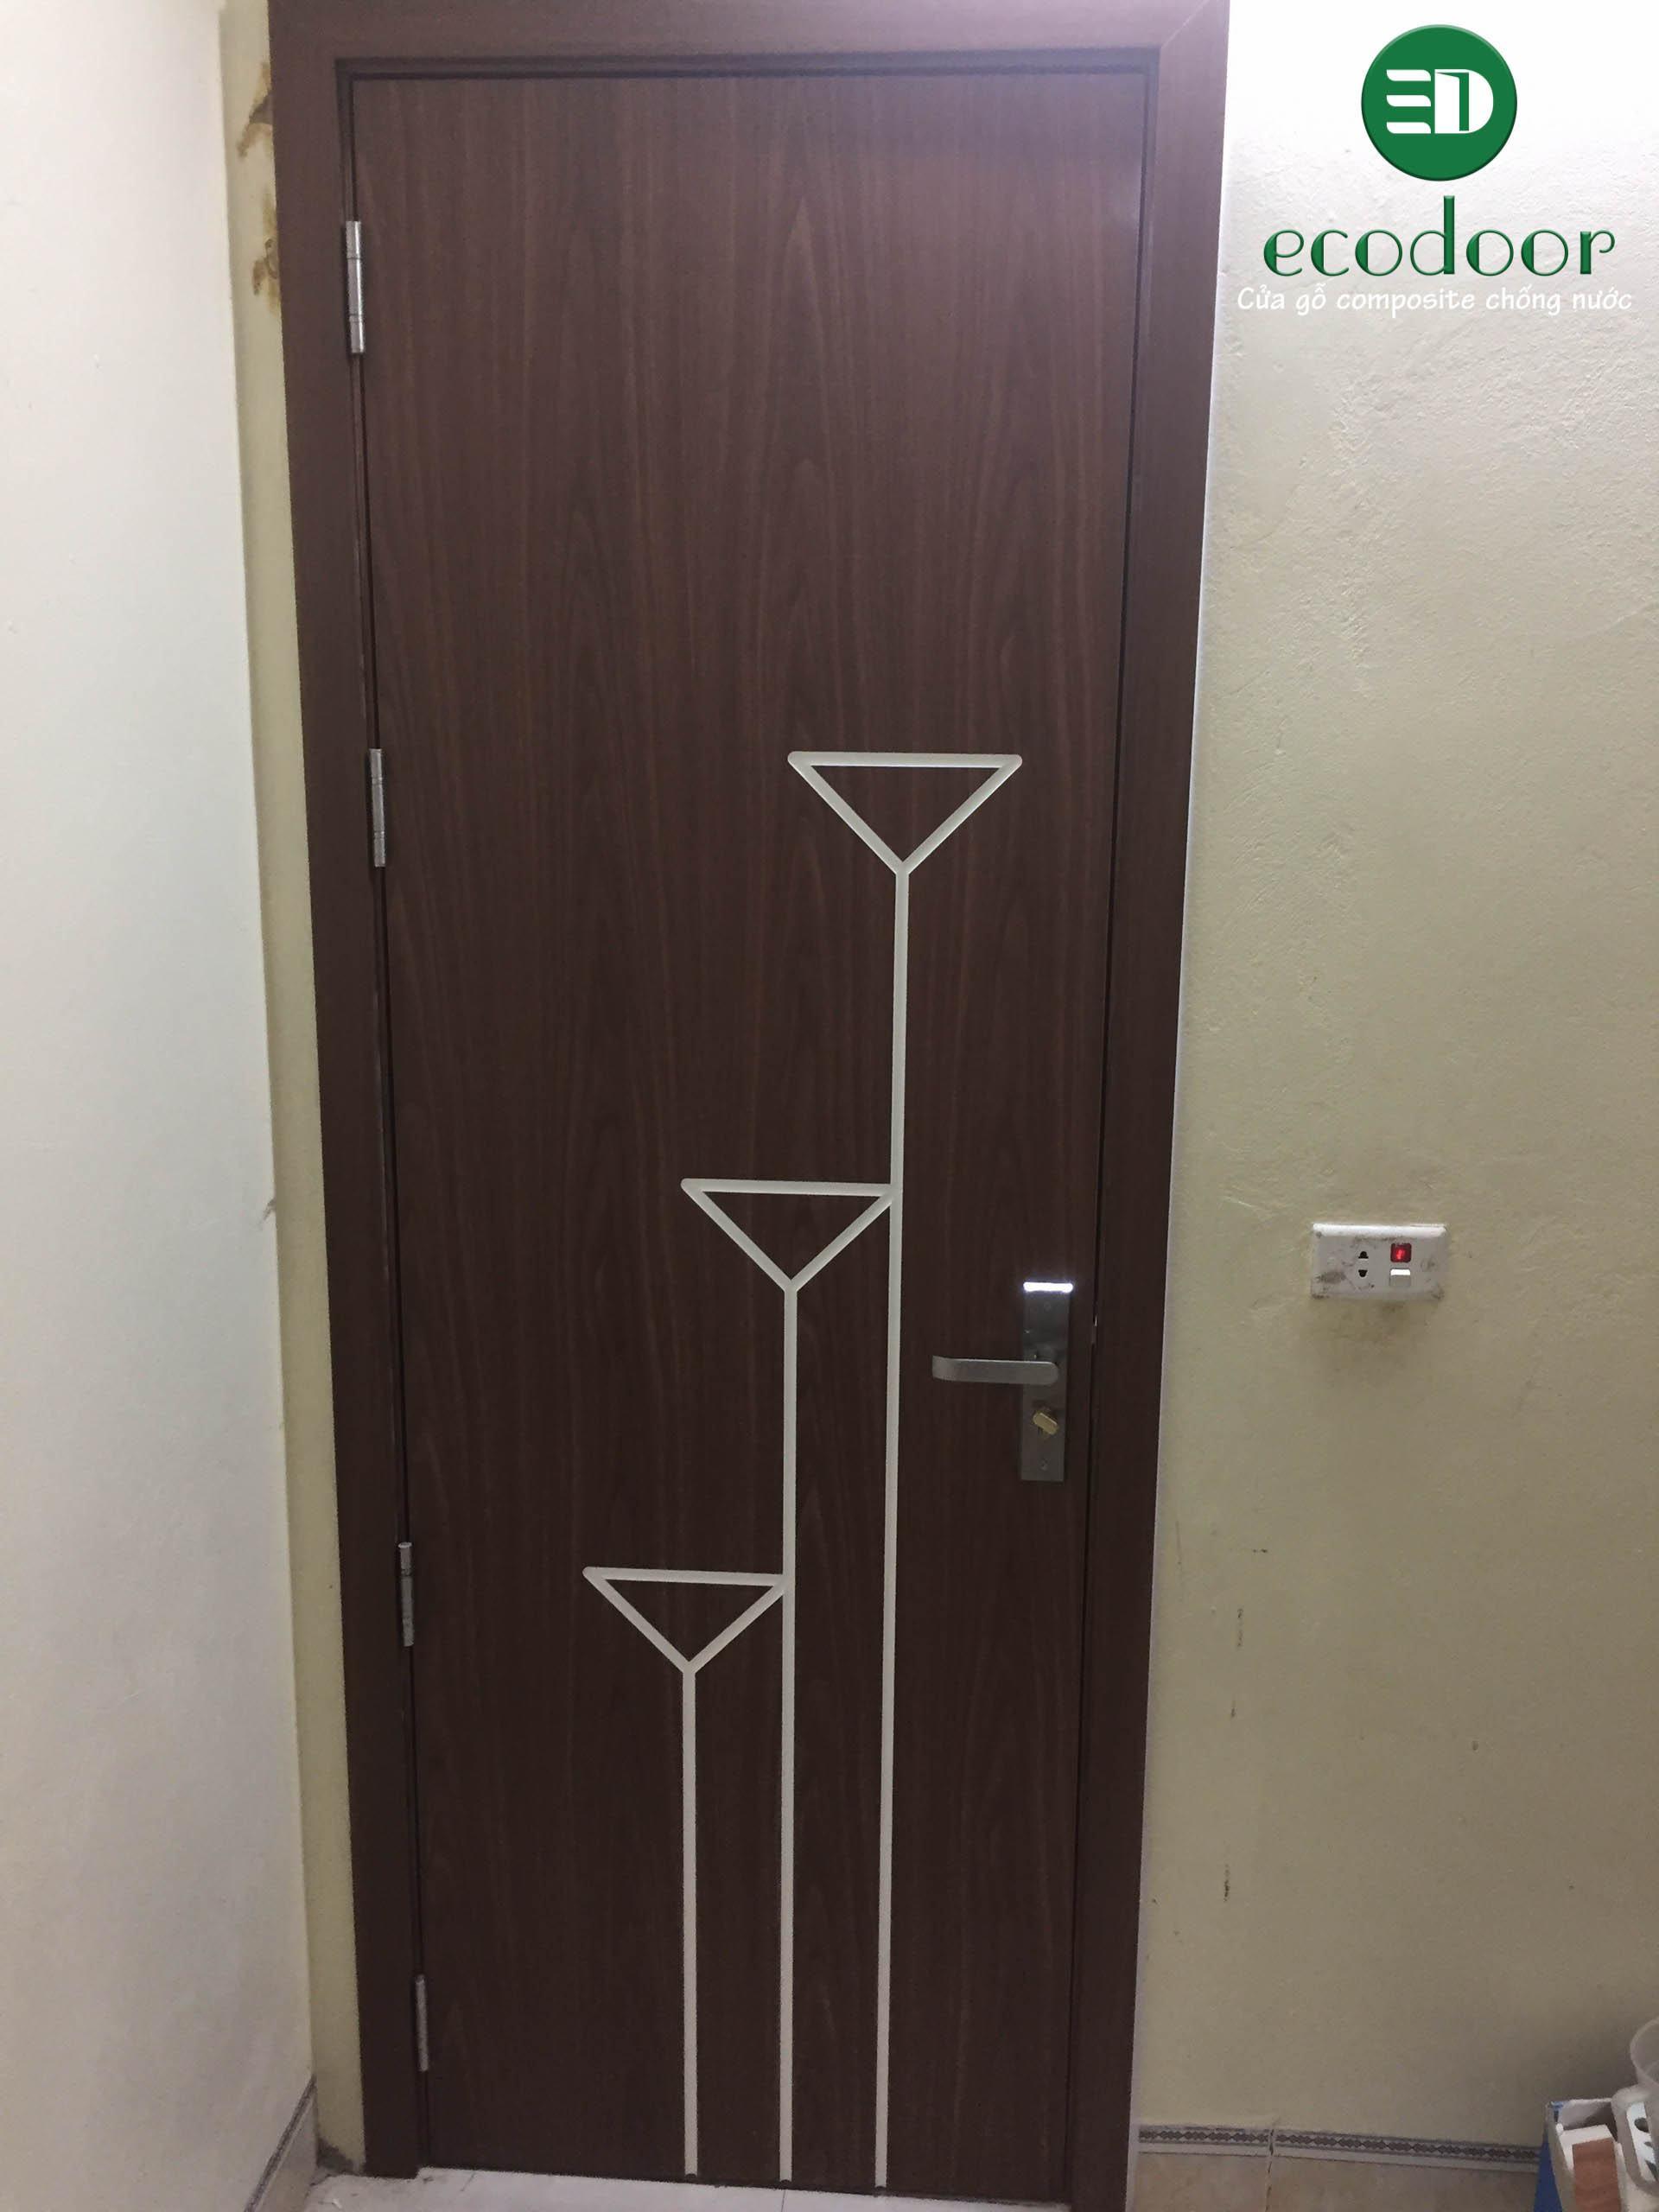 Mẫu cửa nhựa giả gỗ có nẹp, chỉ trang trí